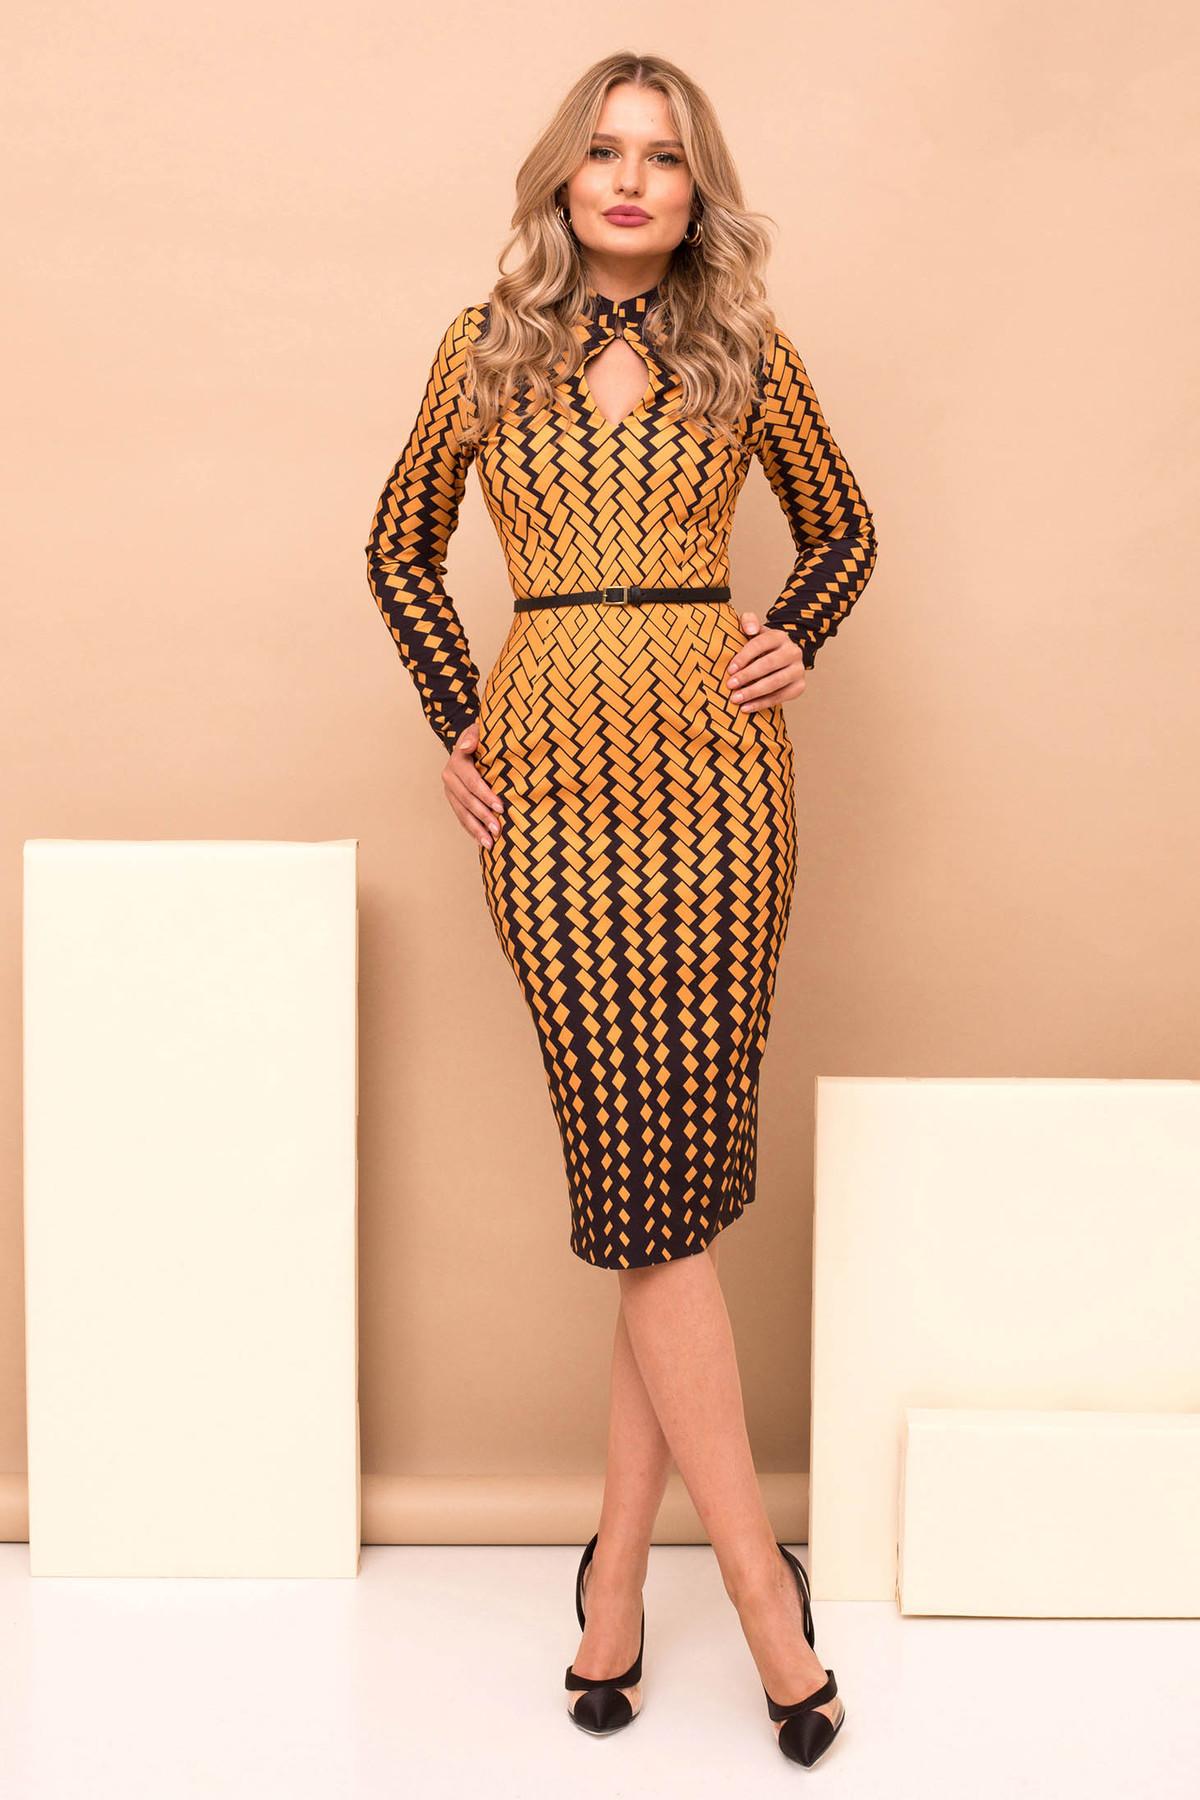 Rochie PrettyGirl mustarie eleganta din stofa cu imprimeu geometric midi tip creion cu accesoriu tip curea cu maneci lungi